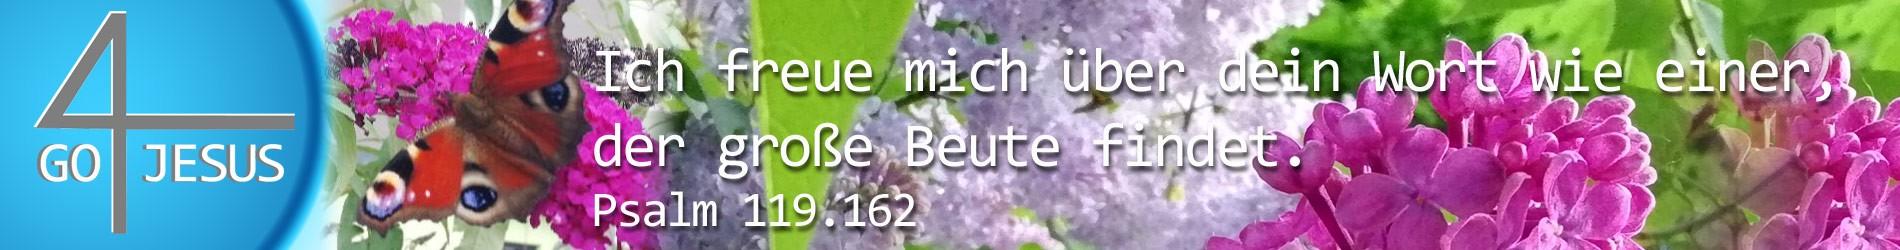 Go4Jesus -Bibel - Jesus